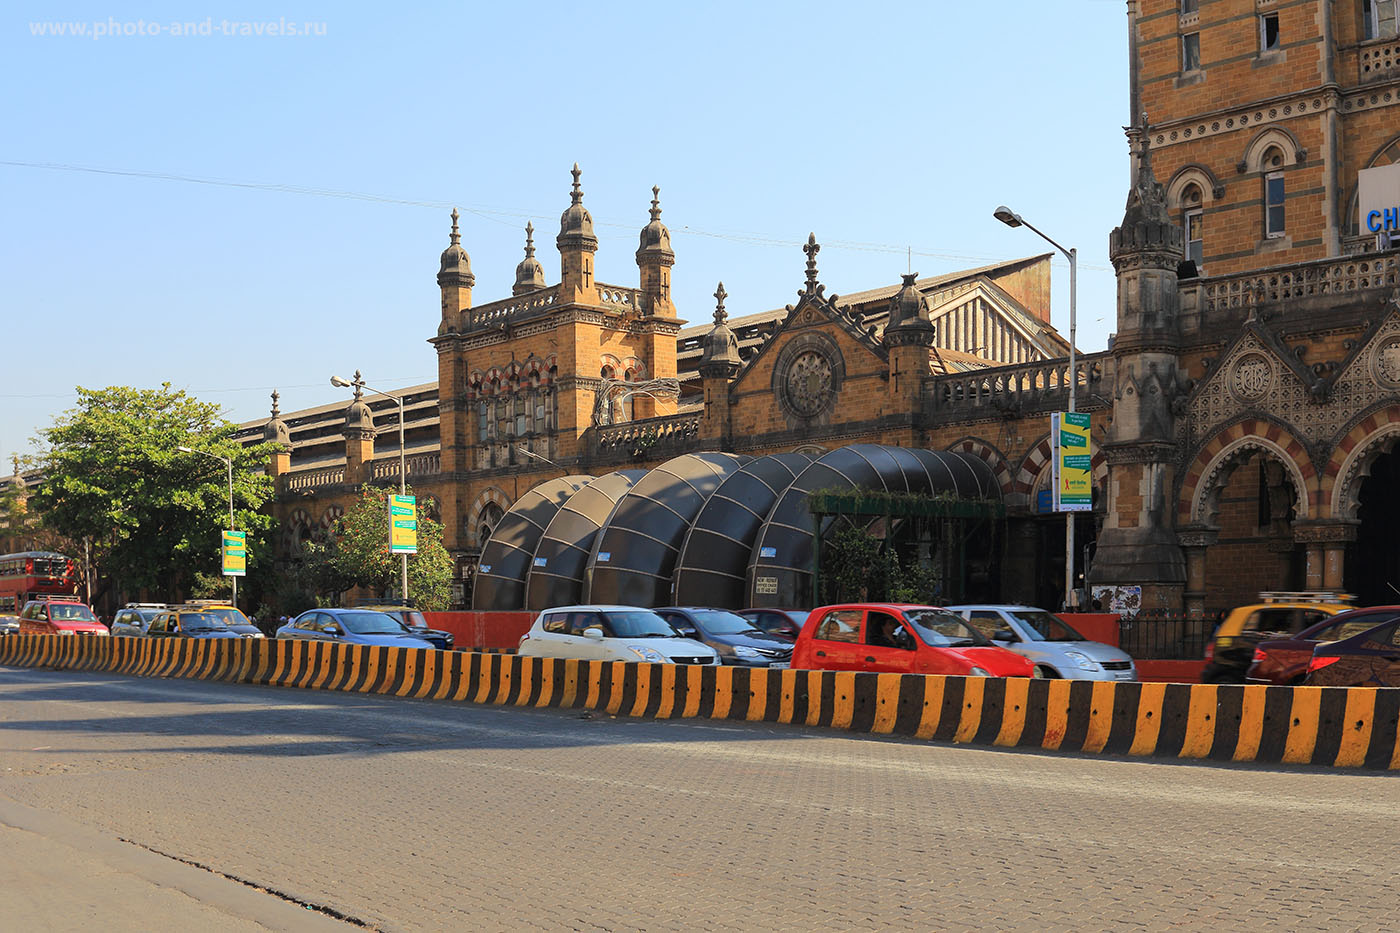 Фото 25. Вокзал Chattrapati Shivaji Terminus в Мумбаи. Рассказы о поездке в Индию.